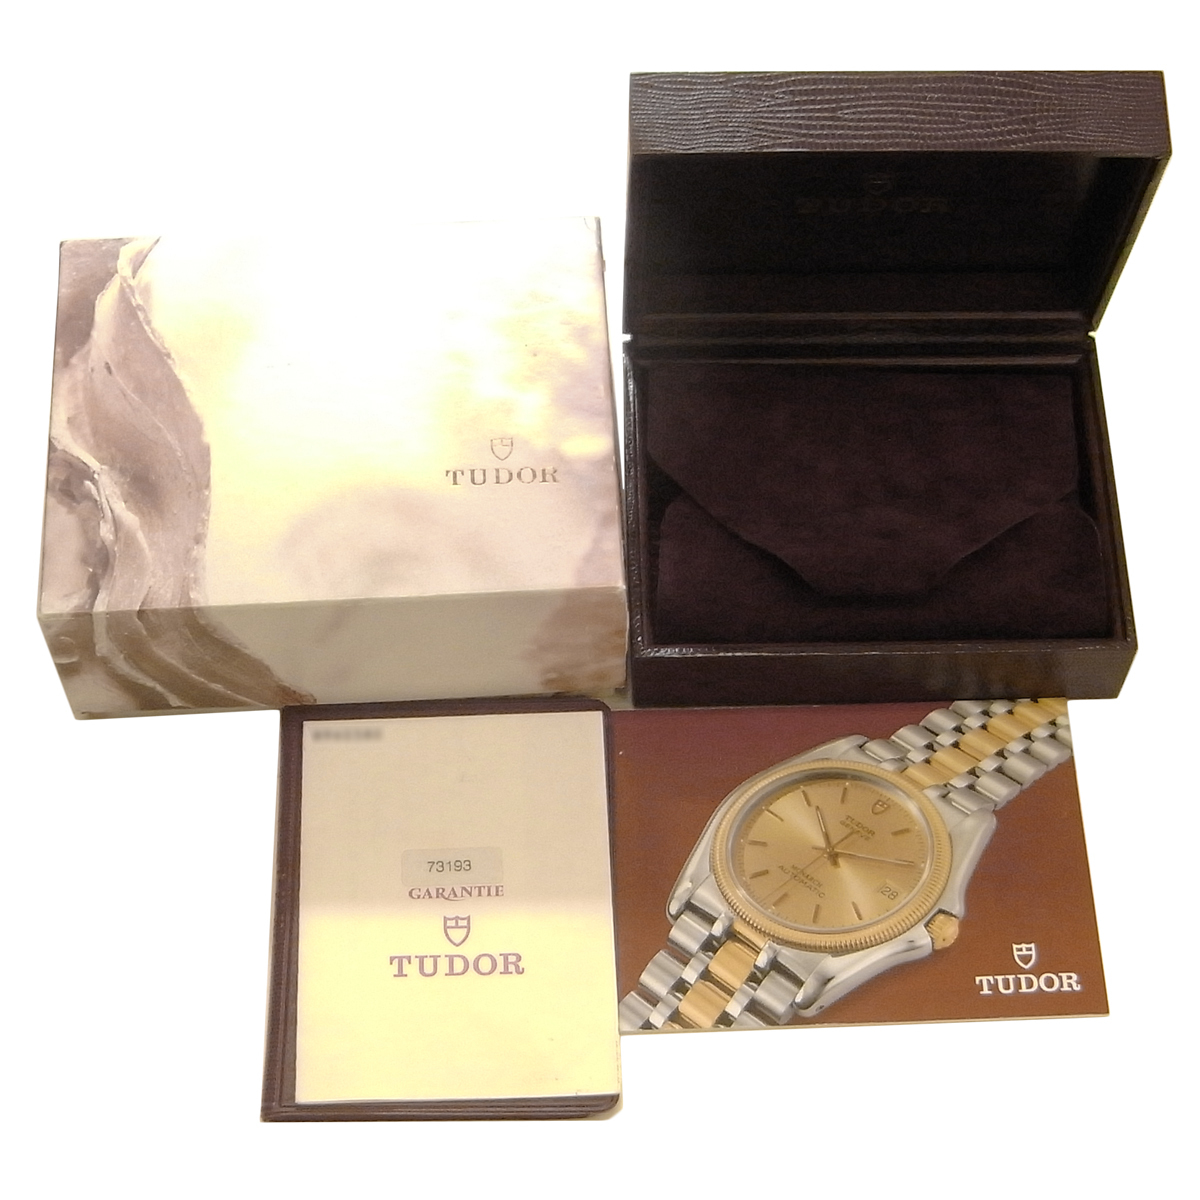 チュードル プリンスデイト ミニサブ 73193 自動巻き オートマ ゴールド文字盤 コンビ YG/SS ボーイズ チューダー TUDOR MINI-SUB_画像5